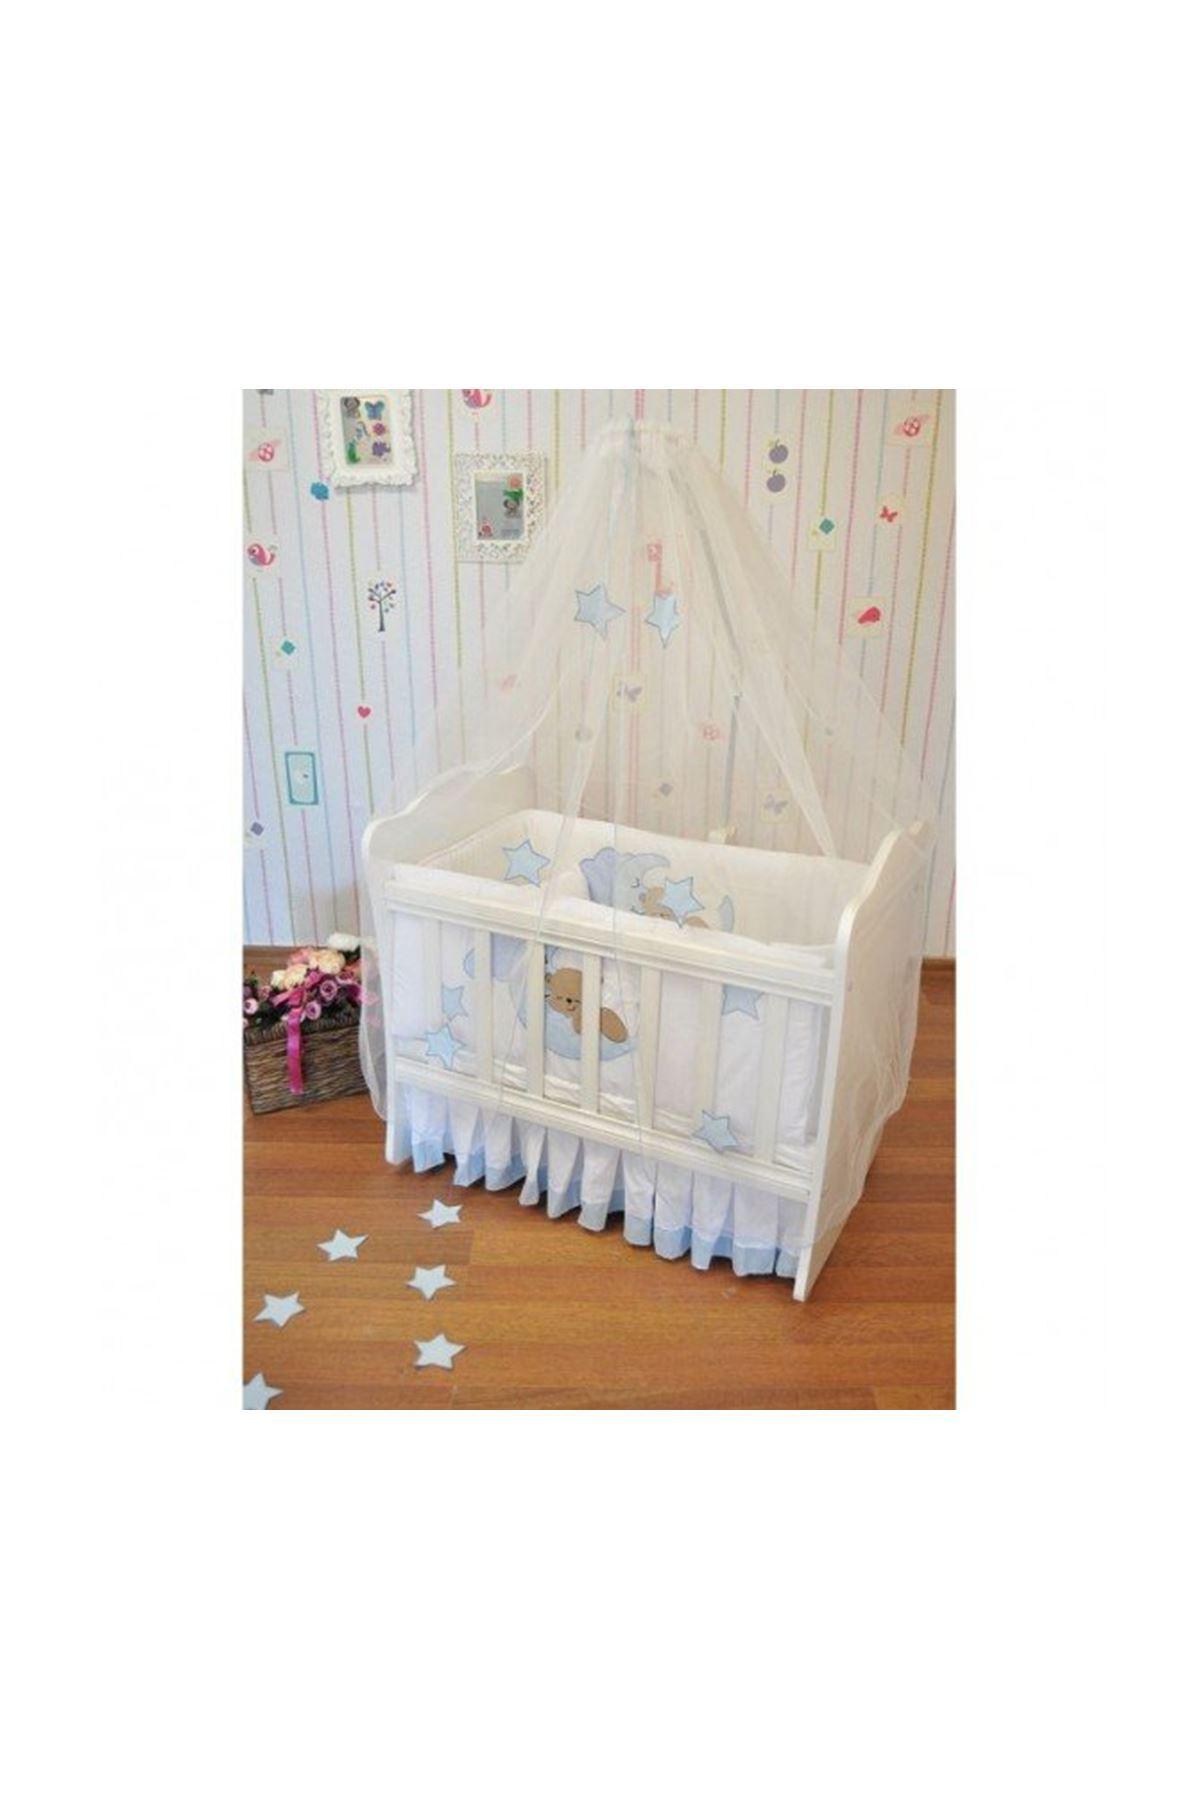 طقم قماش لسرير مقاس90×50لون أبيض دبدوب أزرق